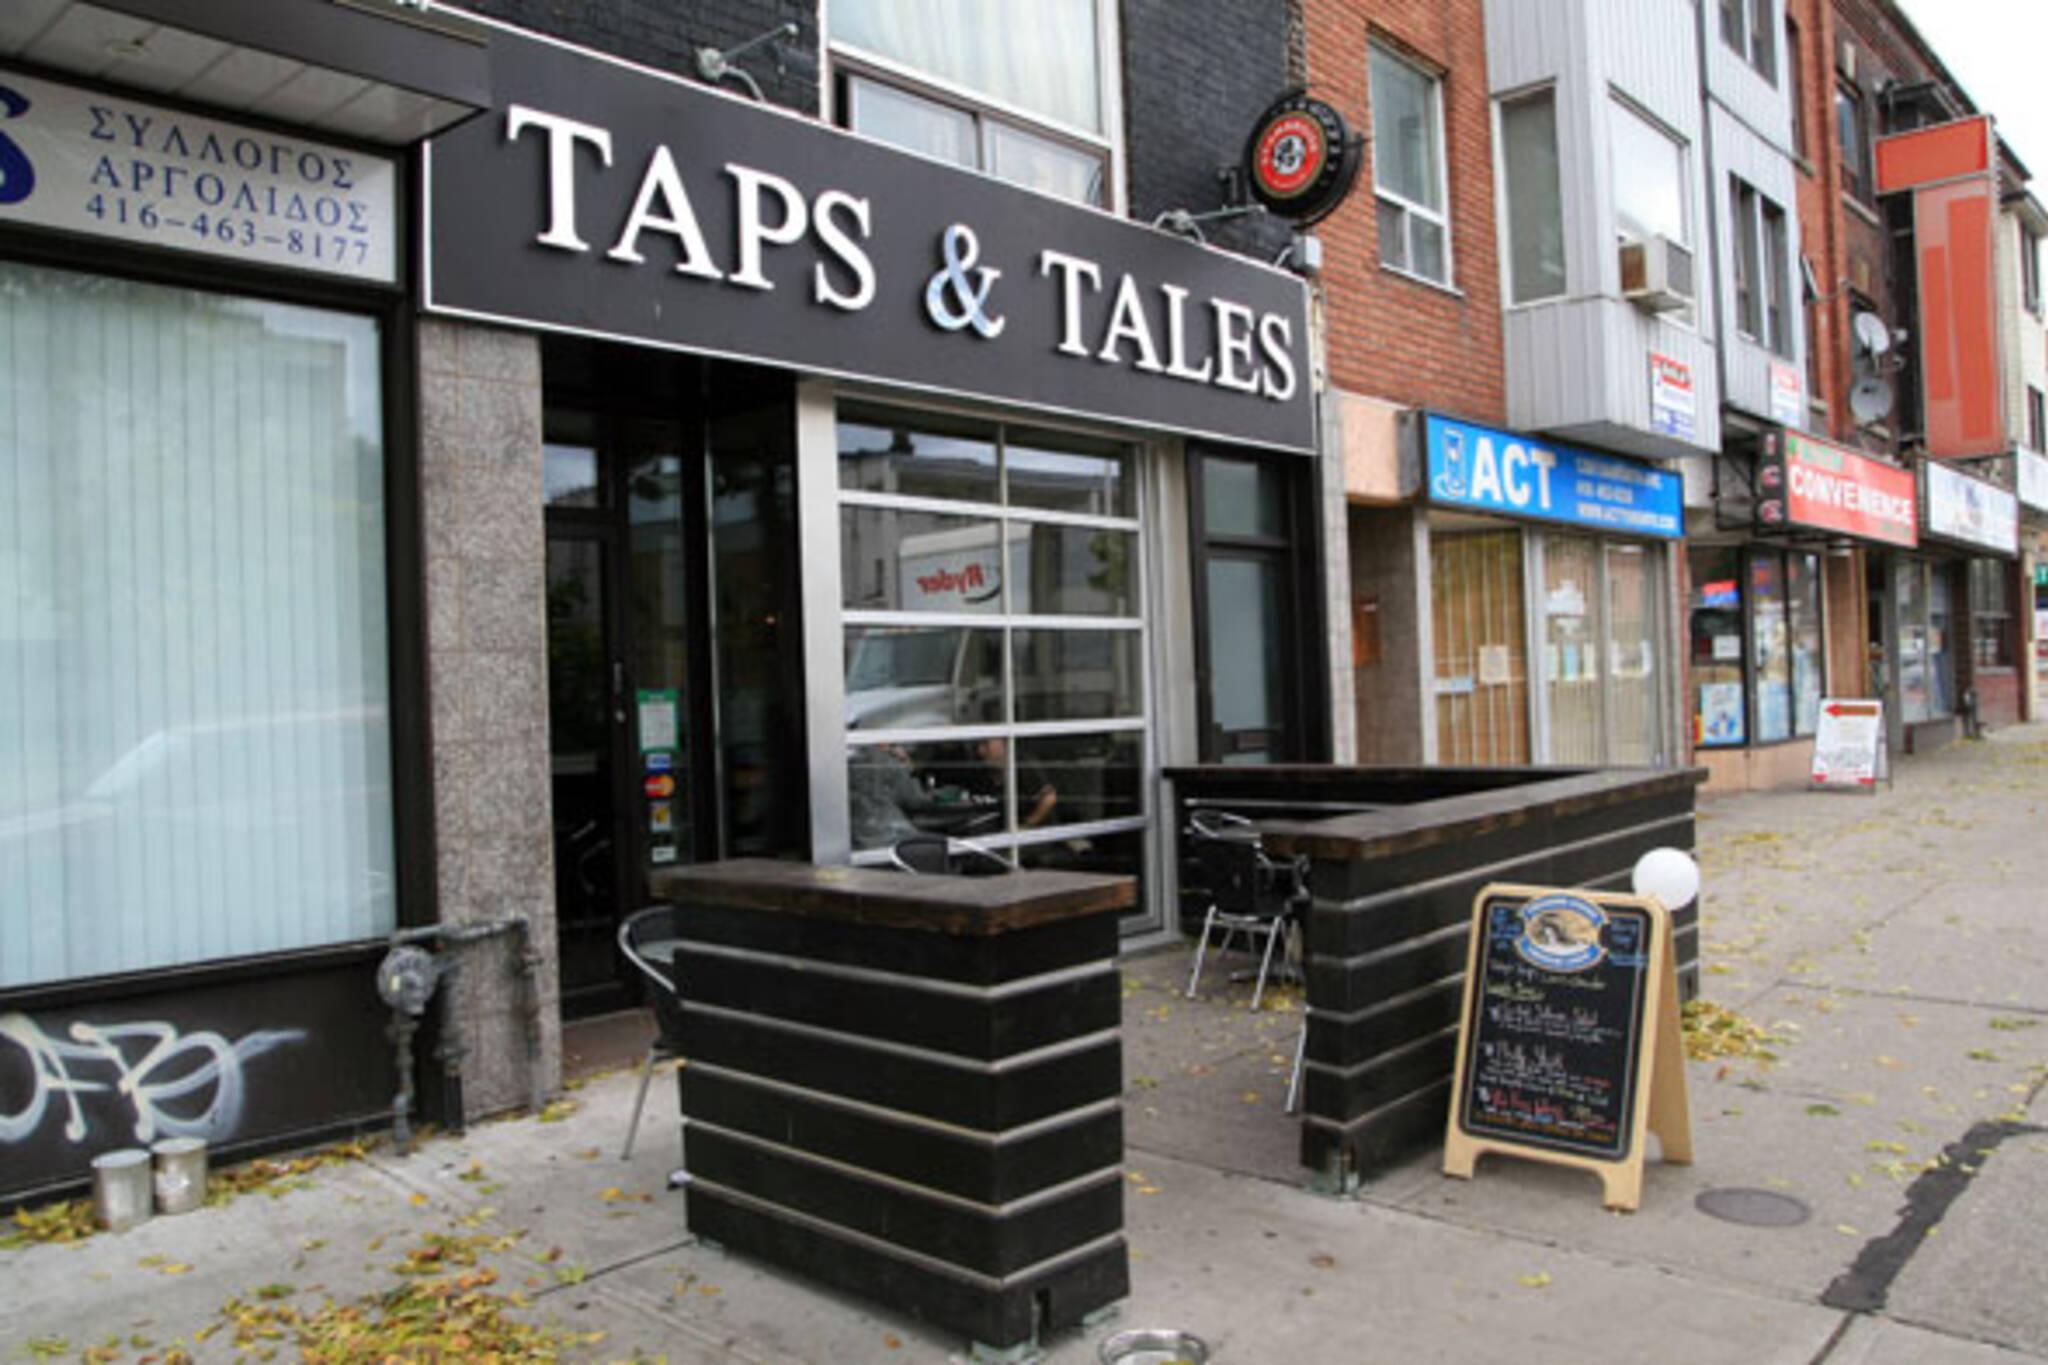 Taps & Tales